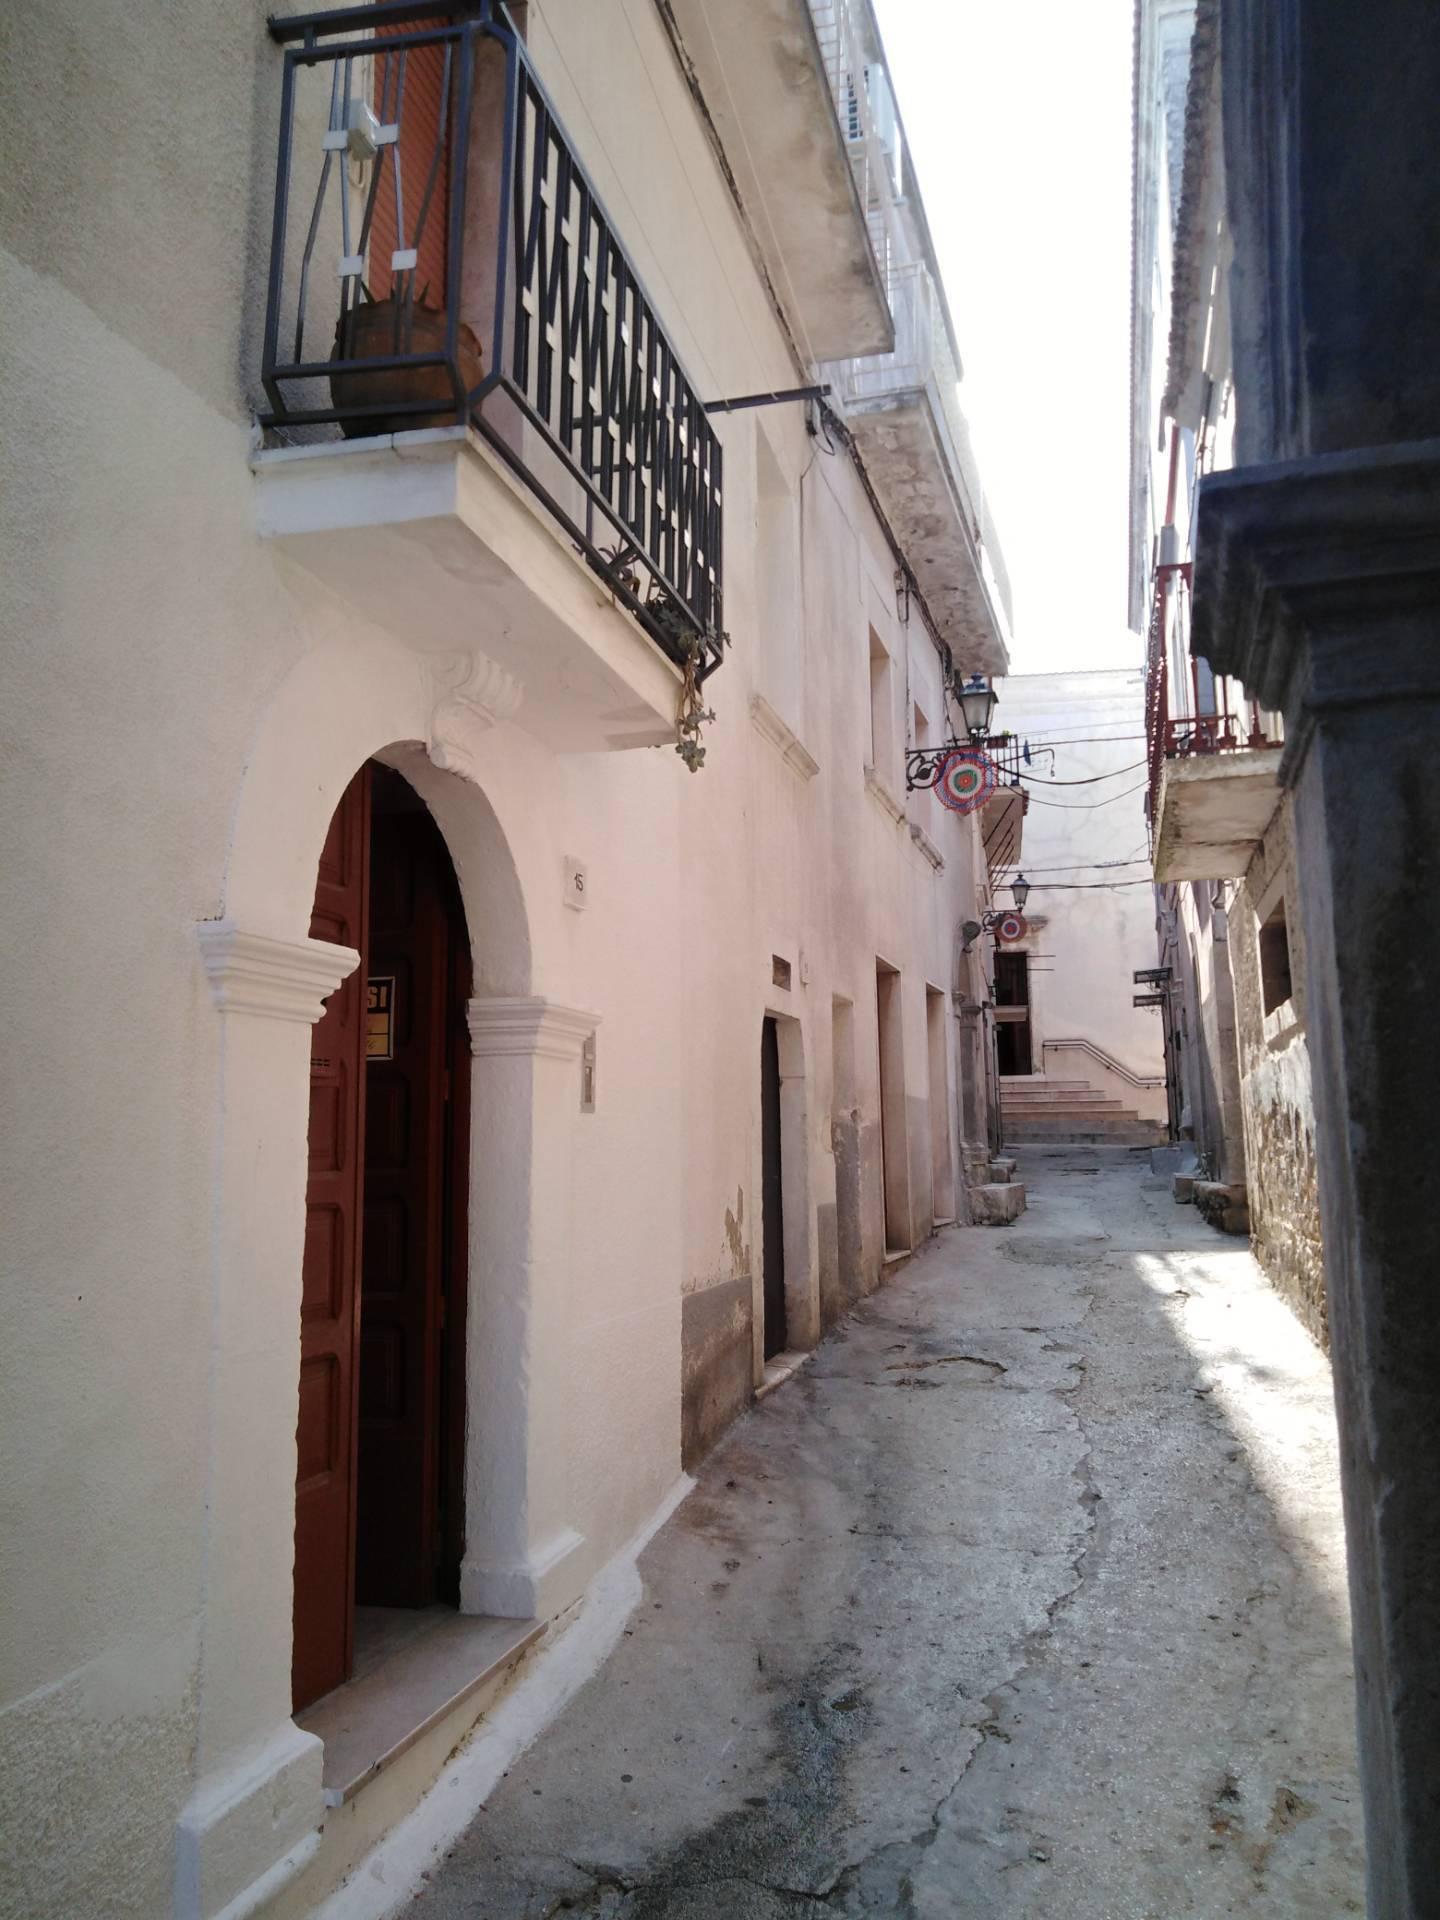 Appartamento in vendita a Ischitella, 1 locali, prezzo € 44.000 | PortaleAgenzieImmobiliari.it